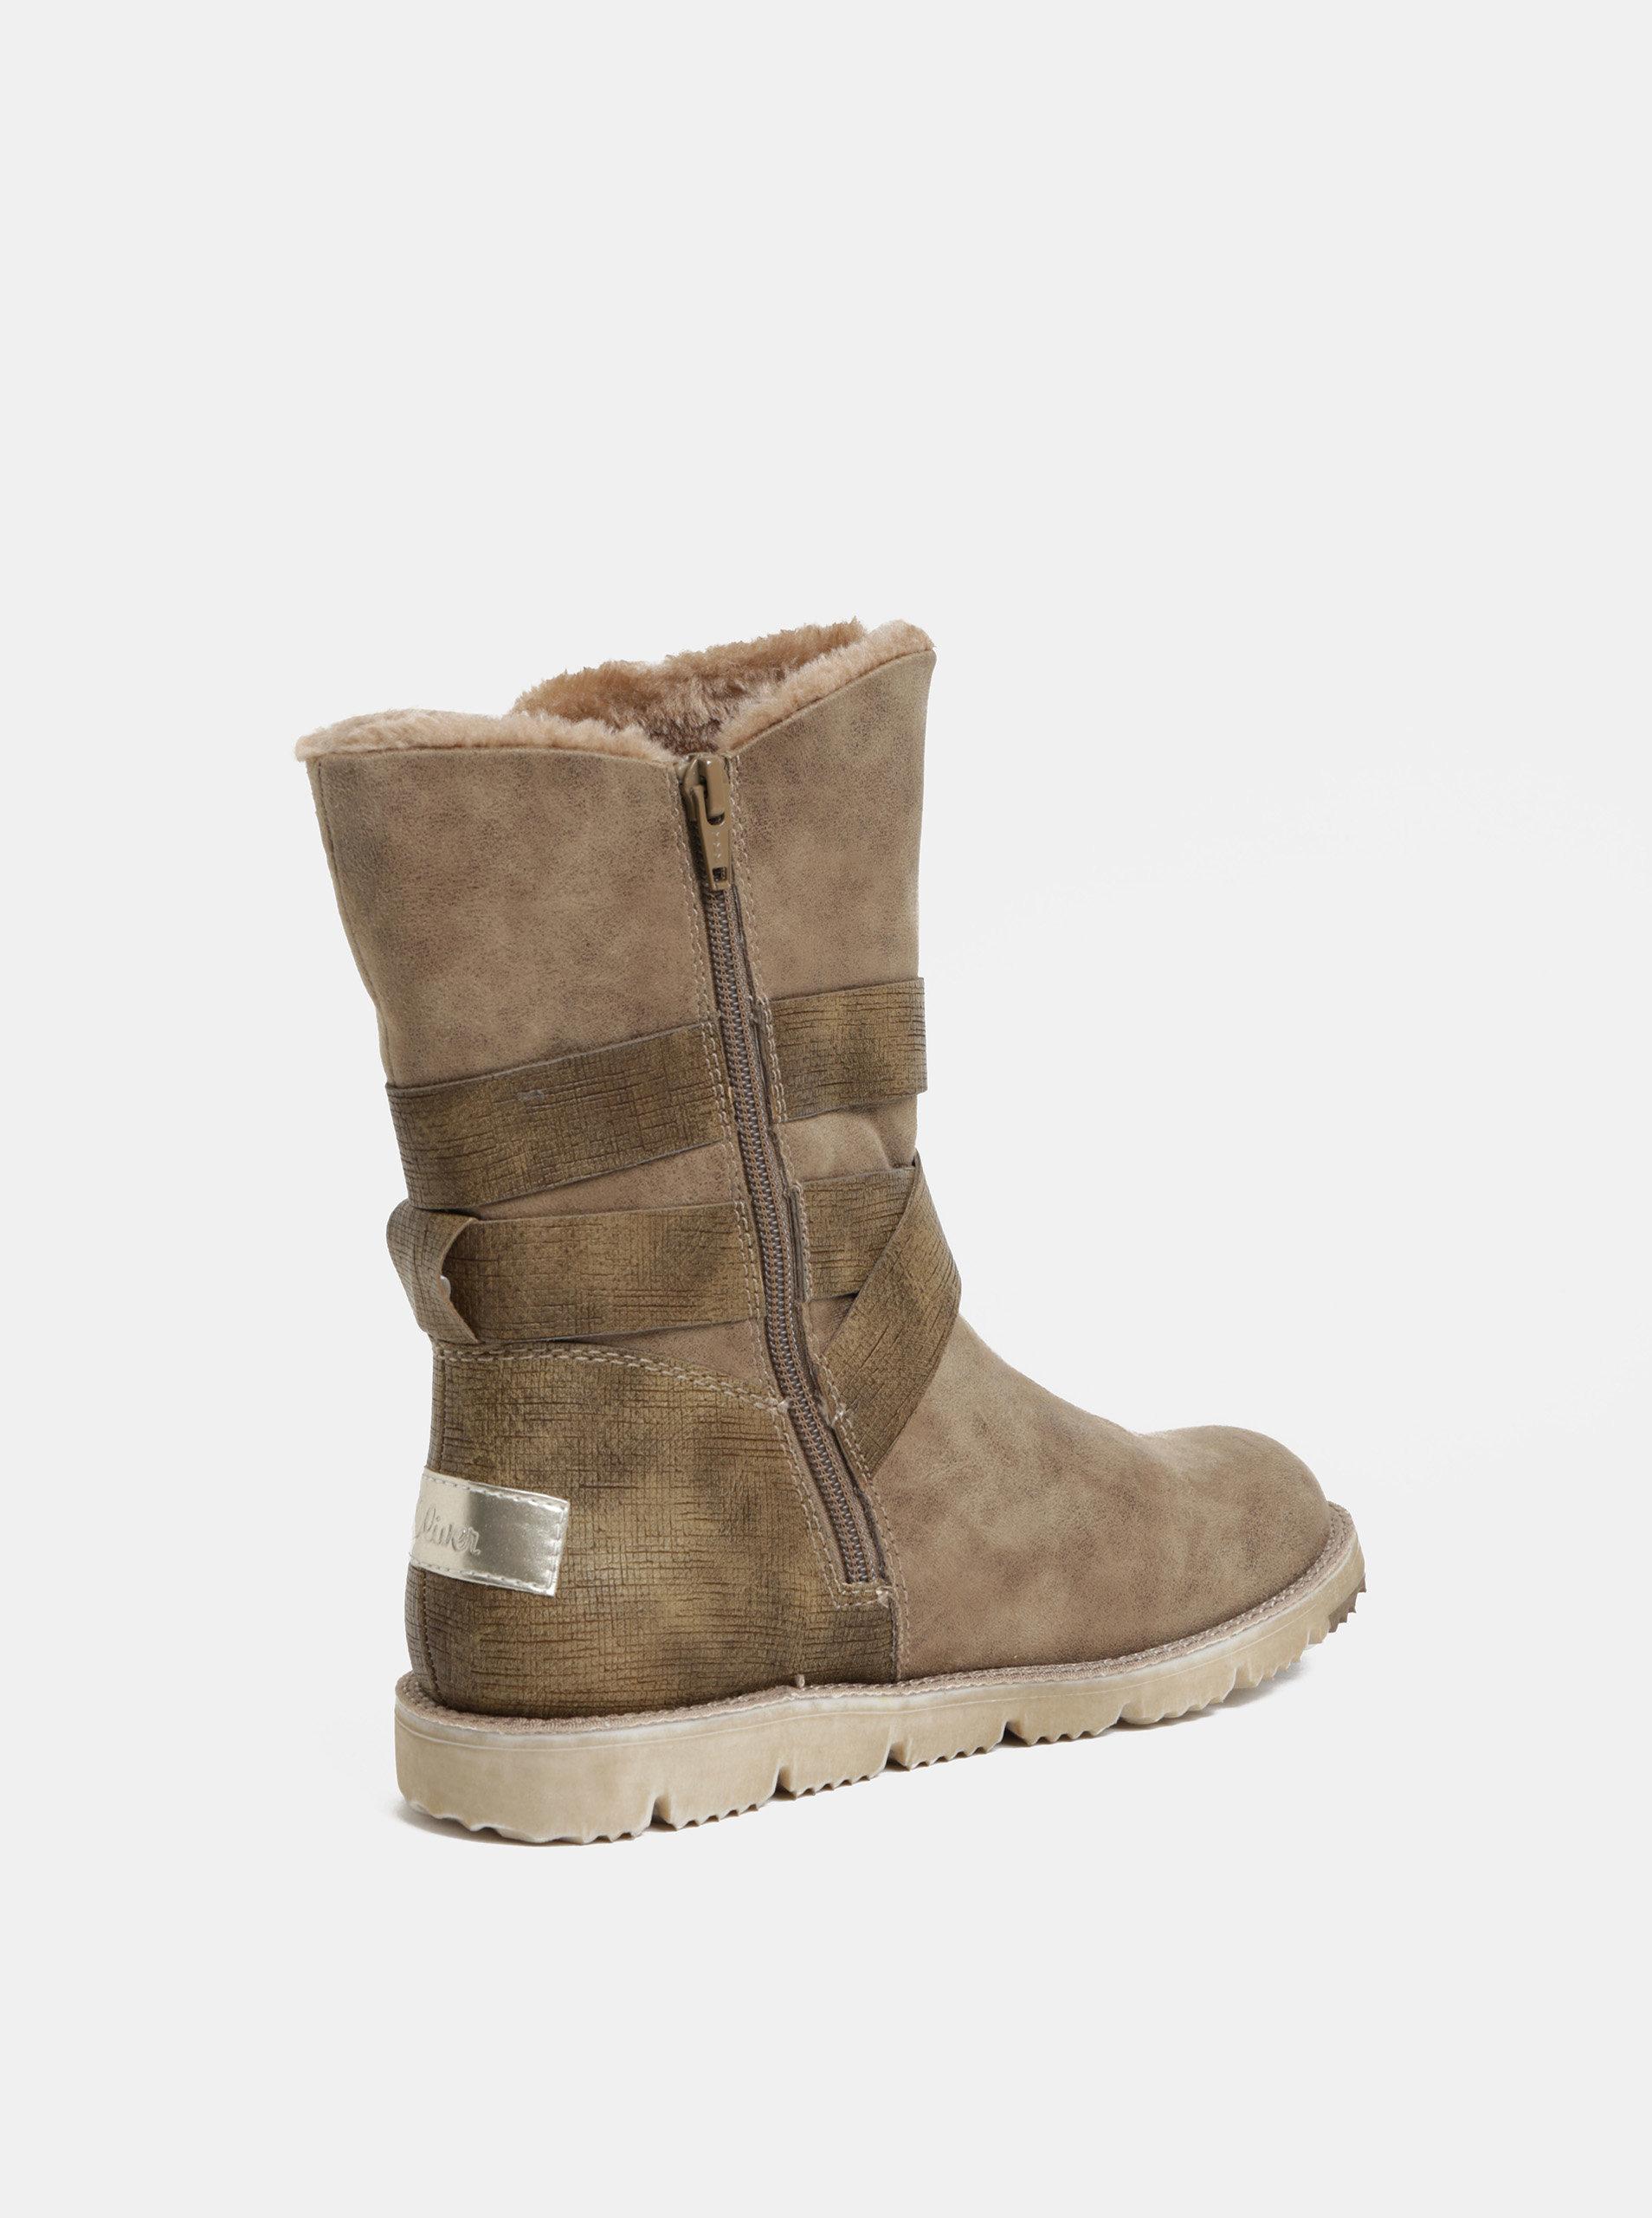 b07f372251 Béžové dámské zimní boty s umělým kožíškem s.Oliver